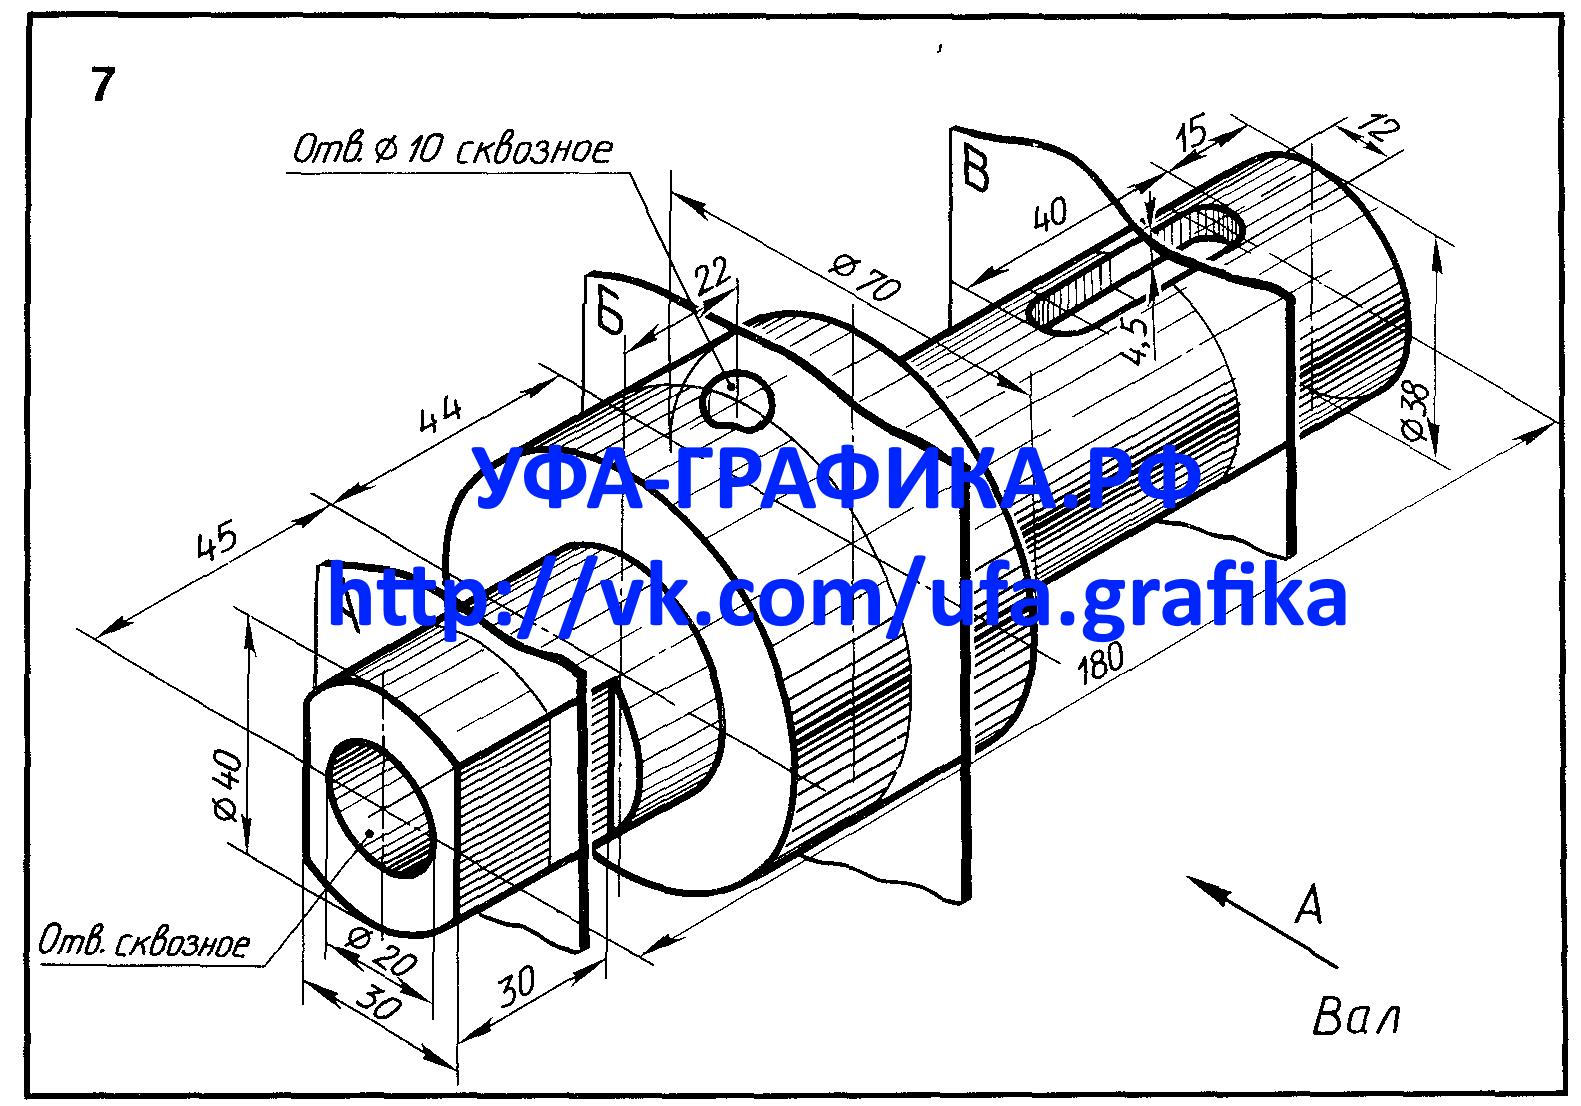 Сечения вала - Вариант 7, чертежи, деталирование, 3Д модели, начертательная геометрия, инженерная графика